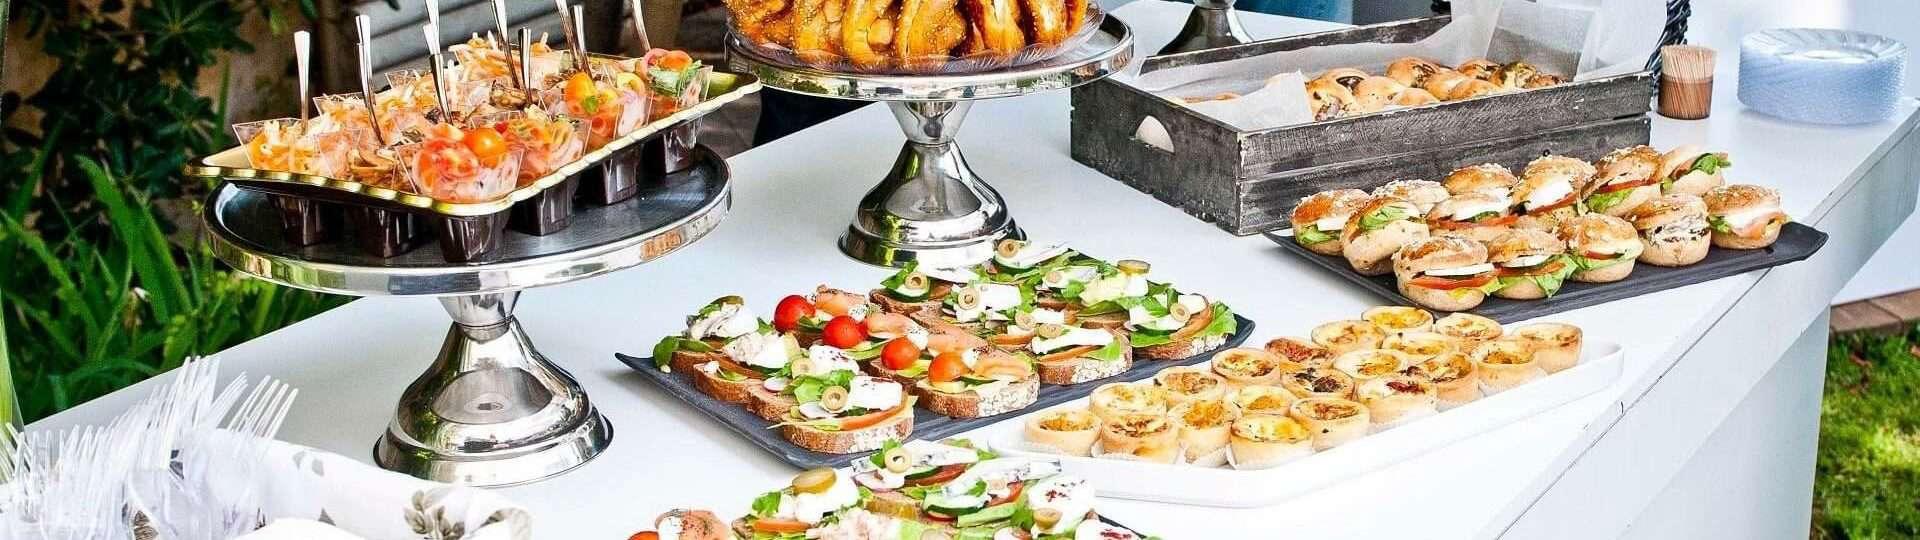 finger-food-buffet-1920x721